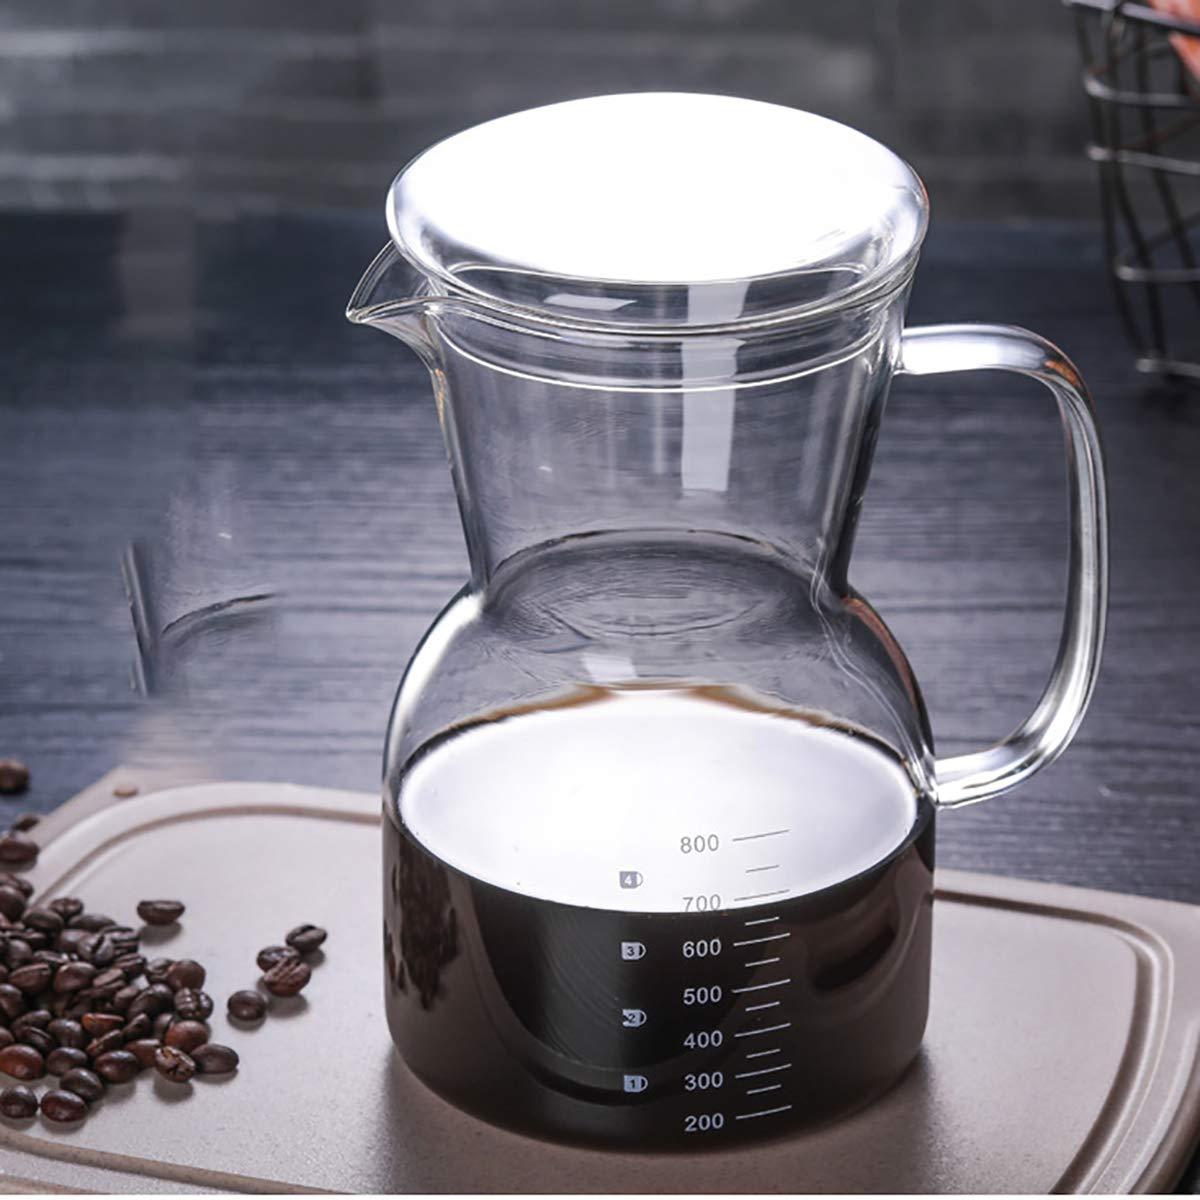 Acquisto Fad-J Caffettiera in Vetro, Resistente alle Alte Temperature Caffettiera in Vetro Borosilicato, Caffettiera A Mano Coffee Pot (800Ml) Prezzi offerta